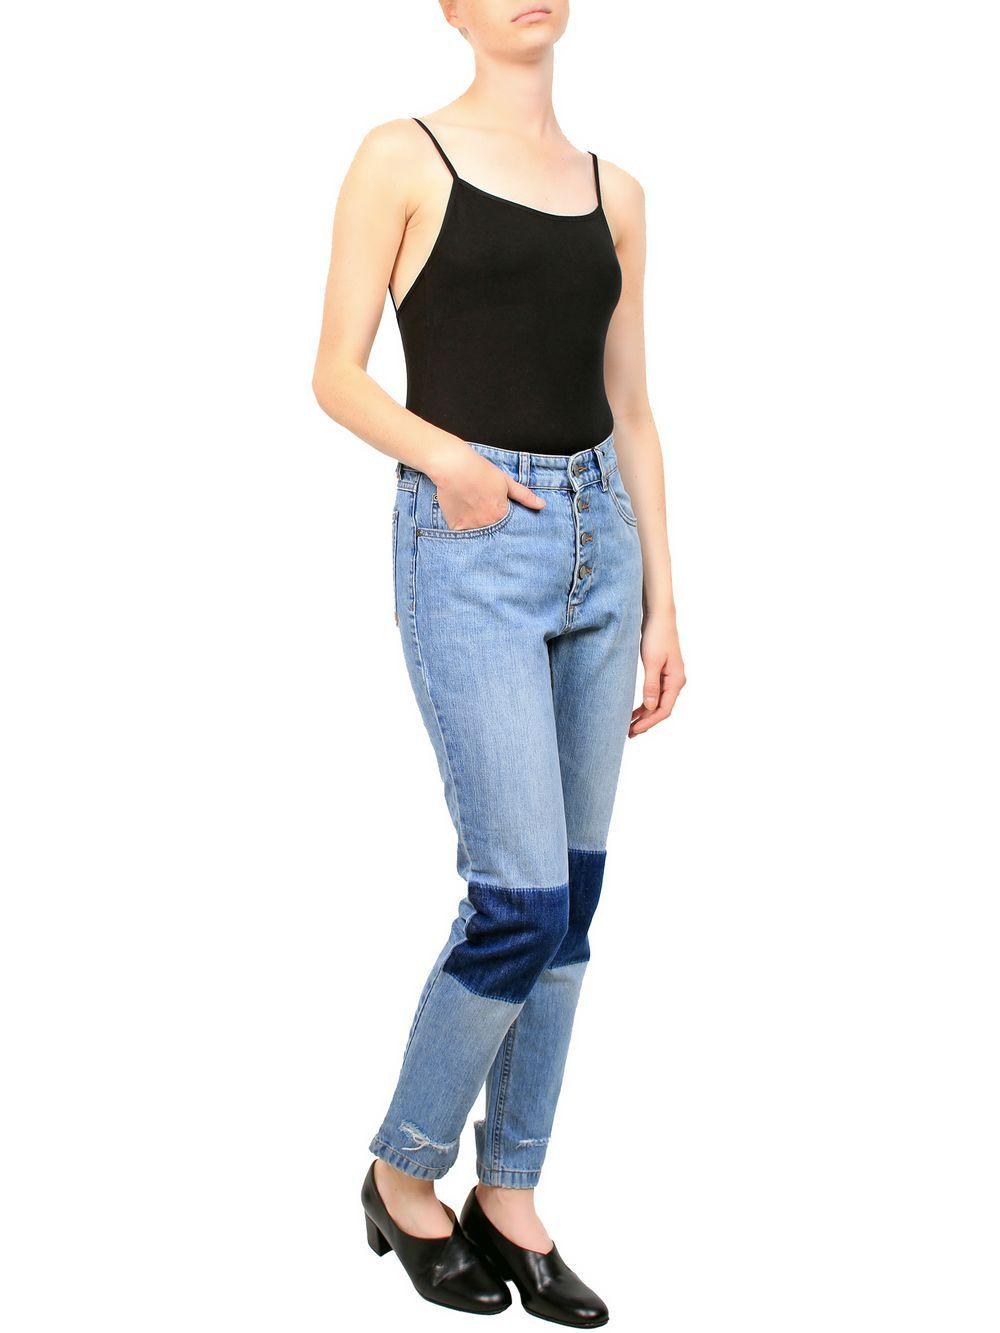 Mrs h anine bing loose fit jeans vintage wash denim